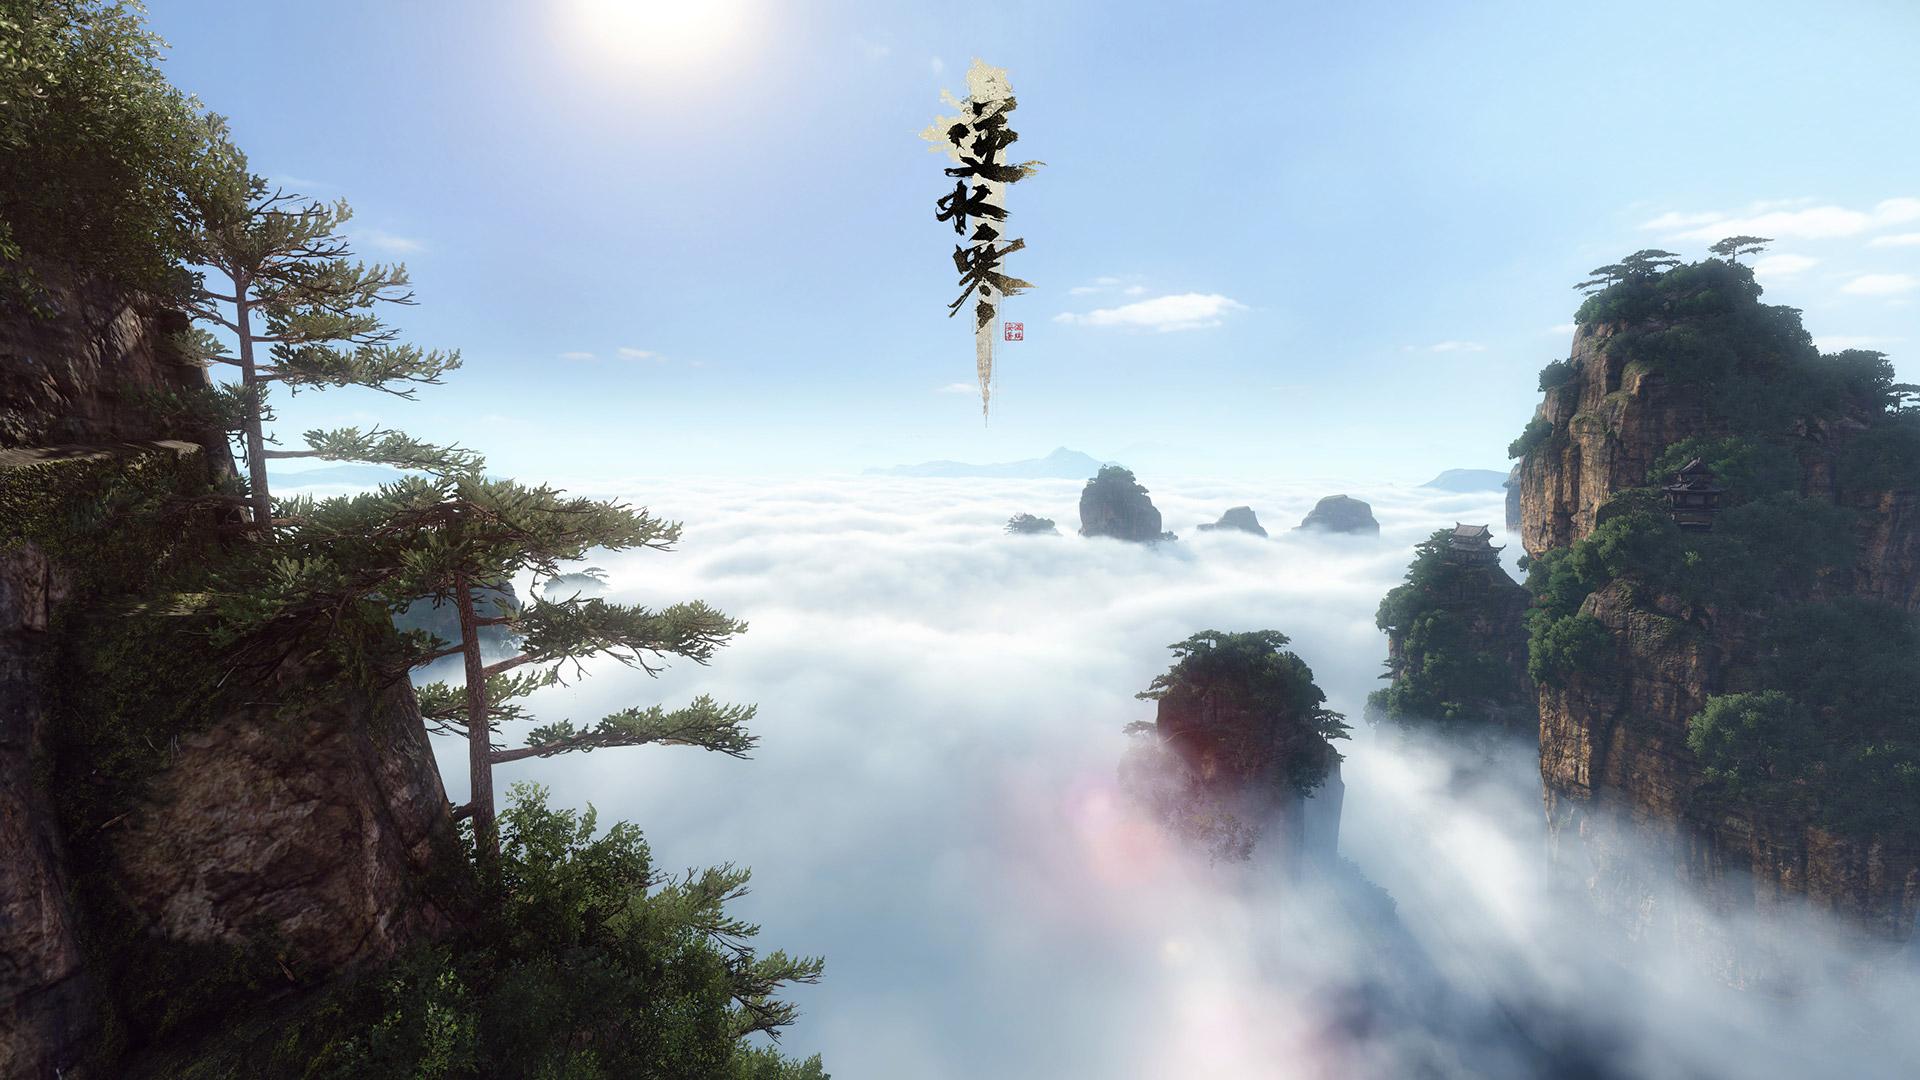 逆水寒游戏壁纸 官方1080p高清桌面壁纸一览(1/14)